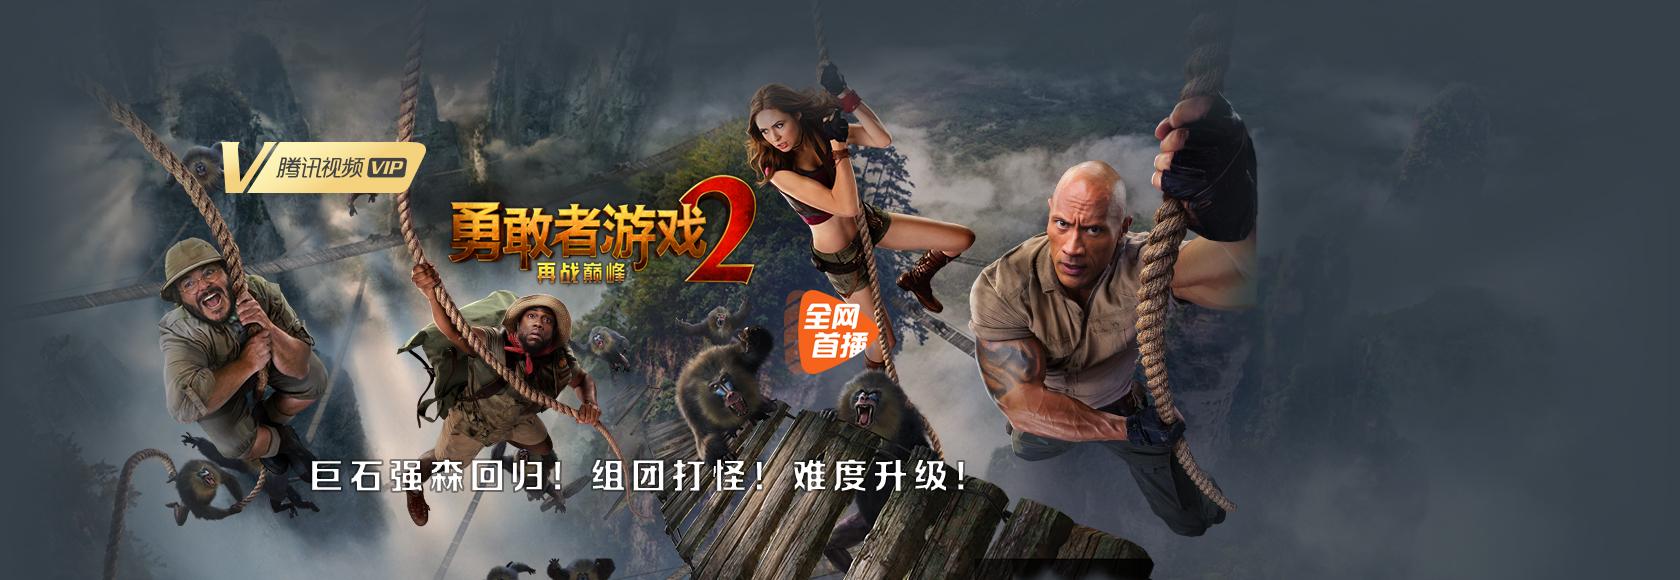 勇敢者游戏2:再战巅峰